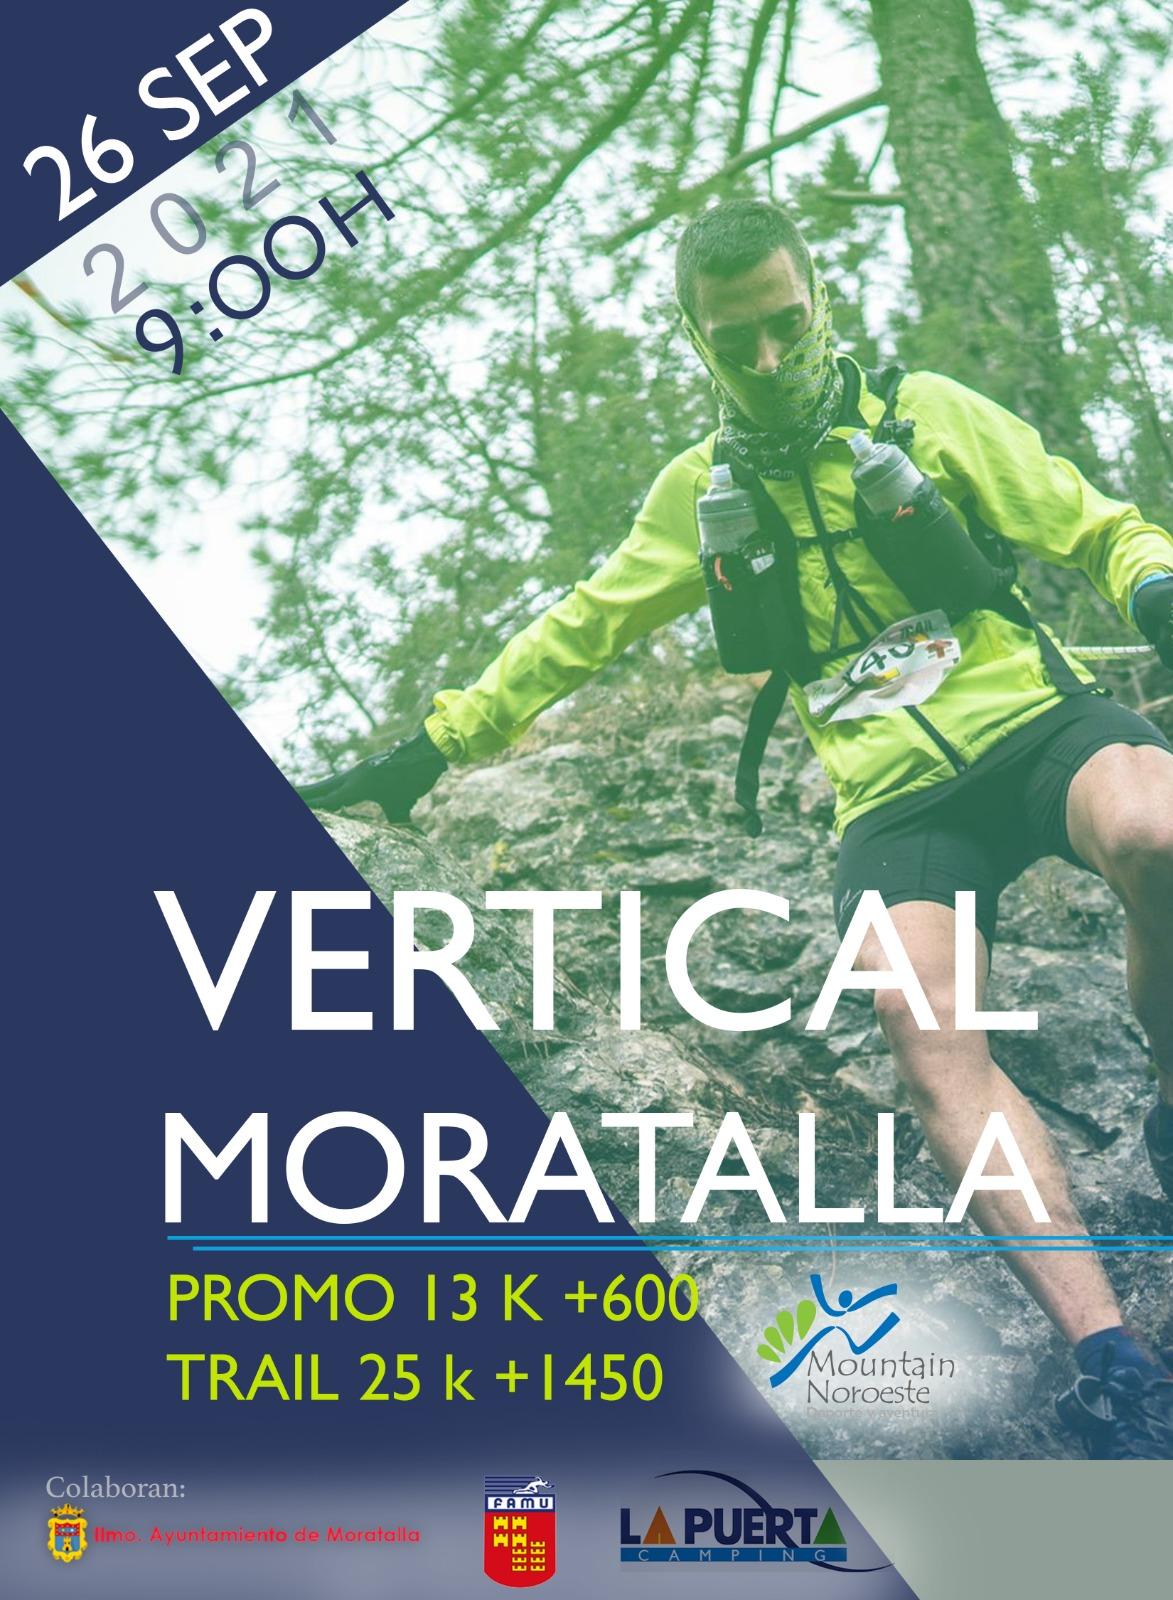 http://cronomur.es/assets/VERTICAL.jpg